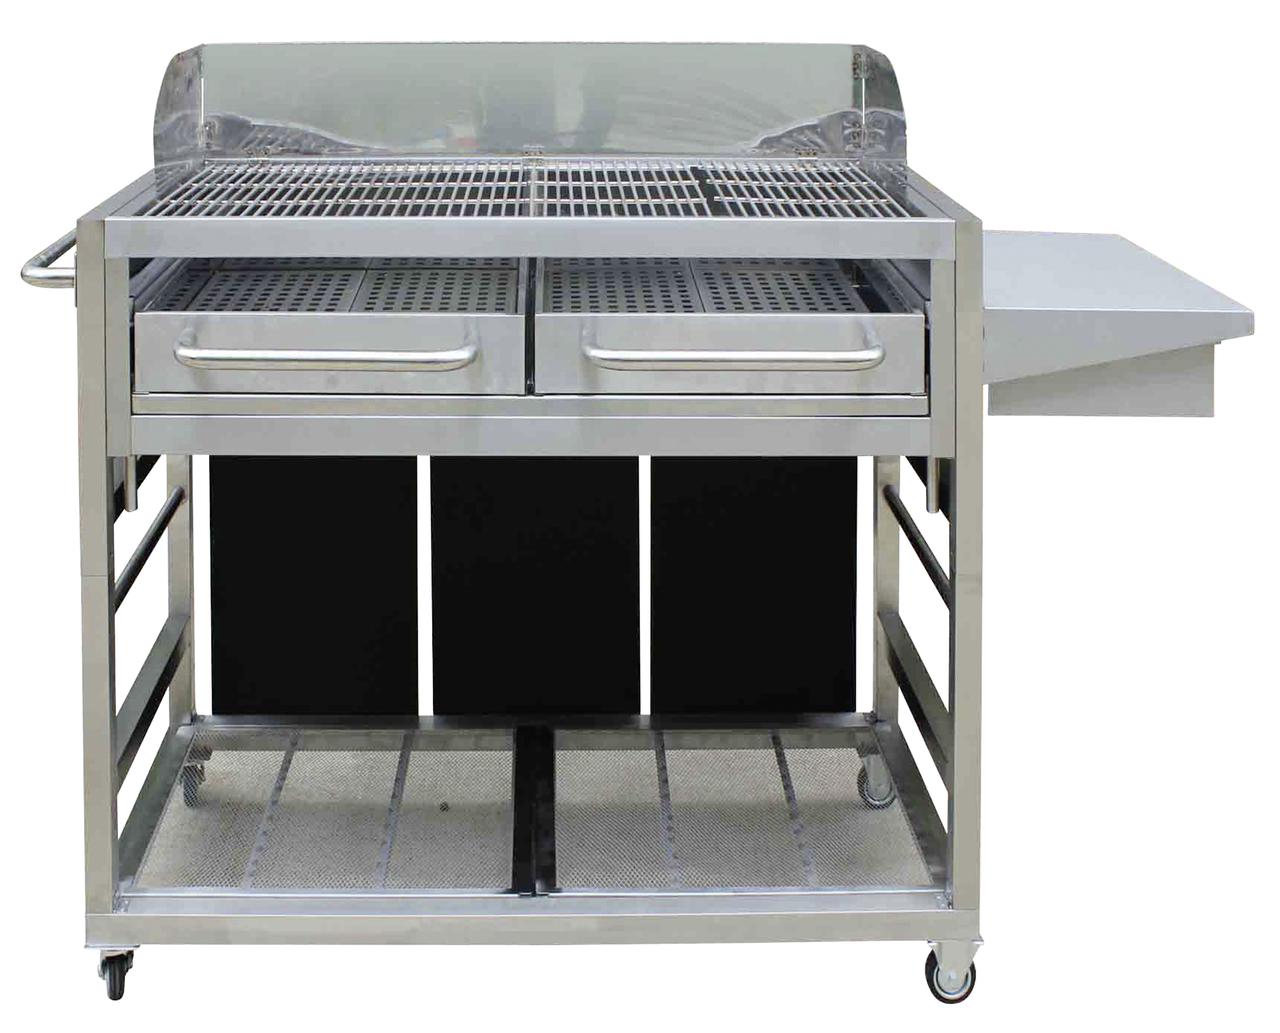 event holzkohle grillwagen edelstahl holzkohlegrills grillen metro. Black Bedroom Furniture Sets. Home Design Ideas